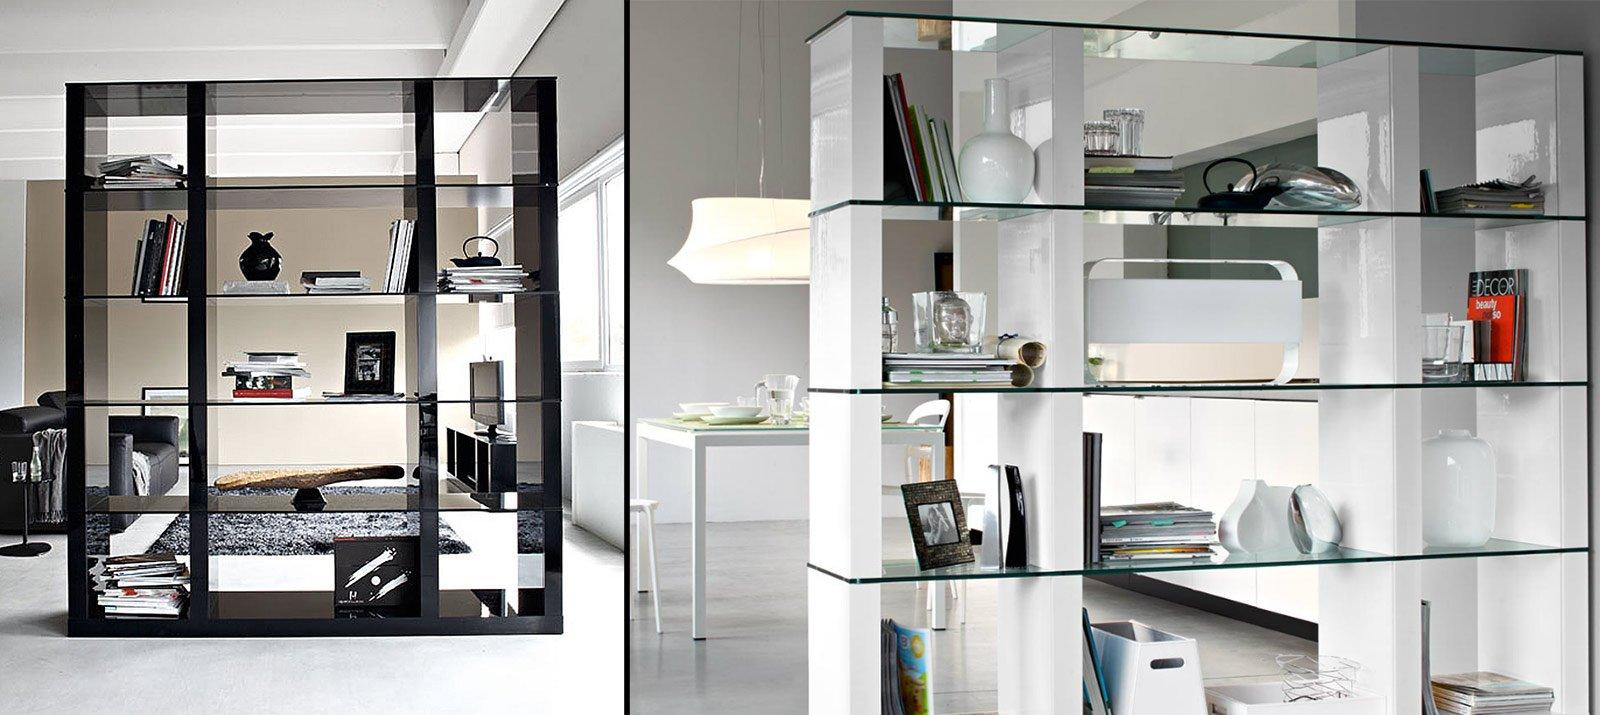 Librerie bifacciali per separare ambienti cose di casa - Librerie da camera ...